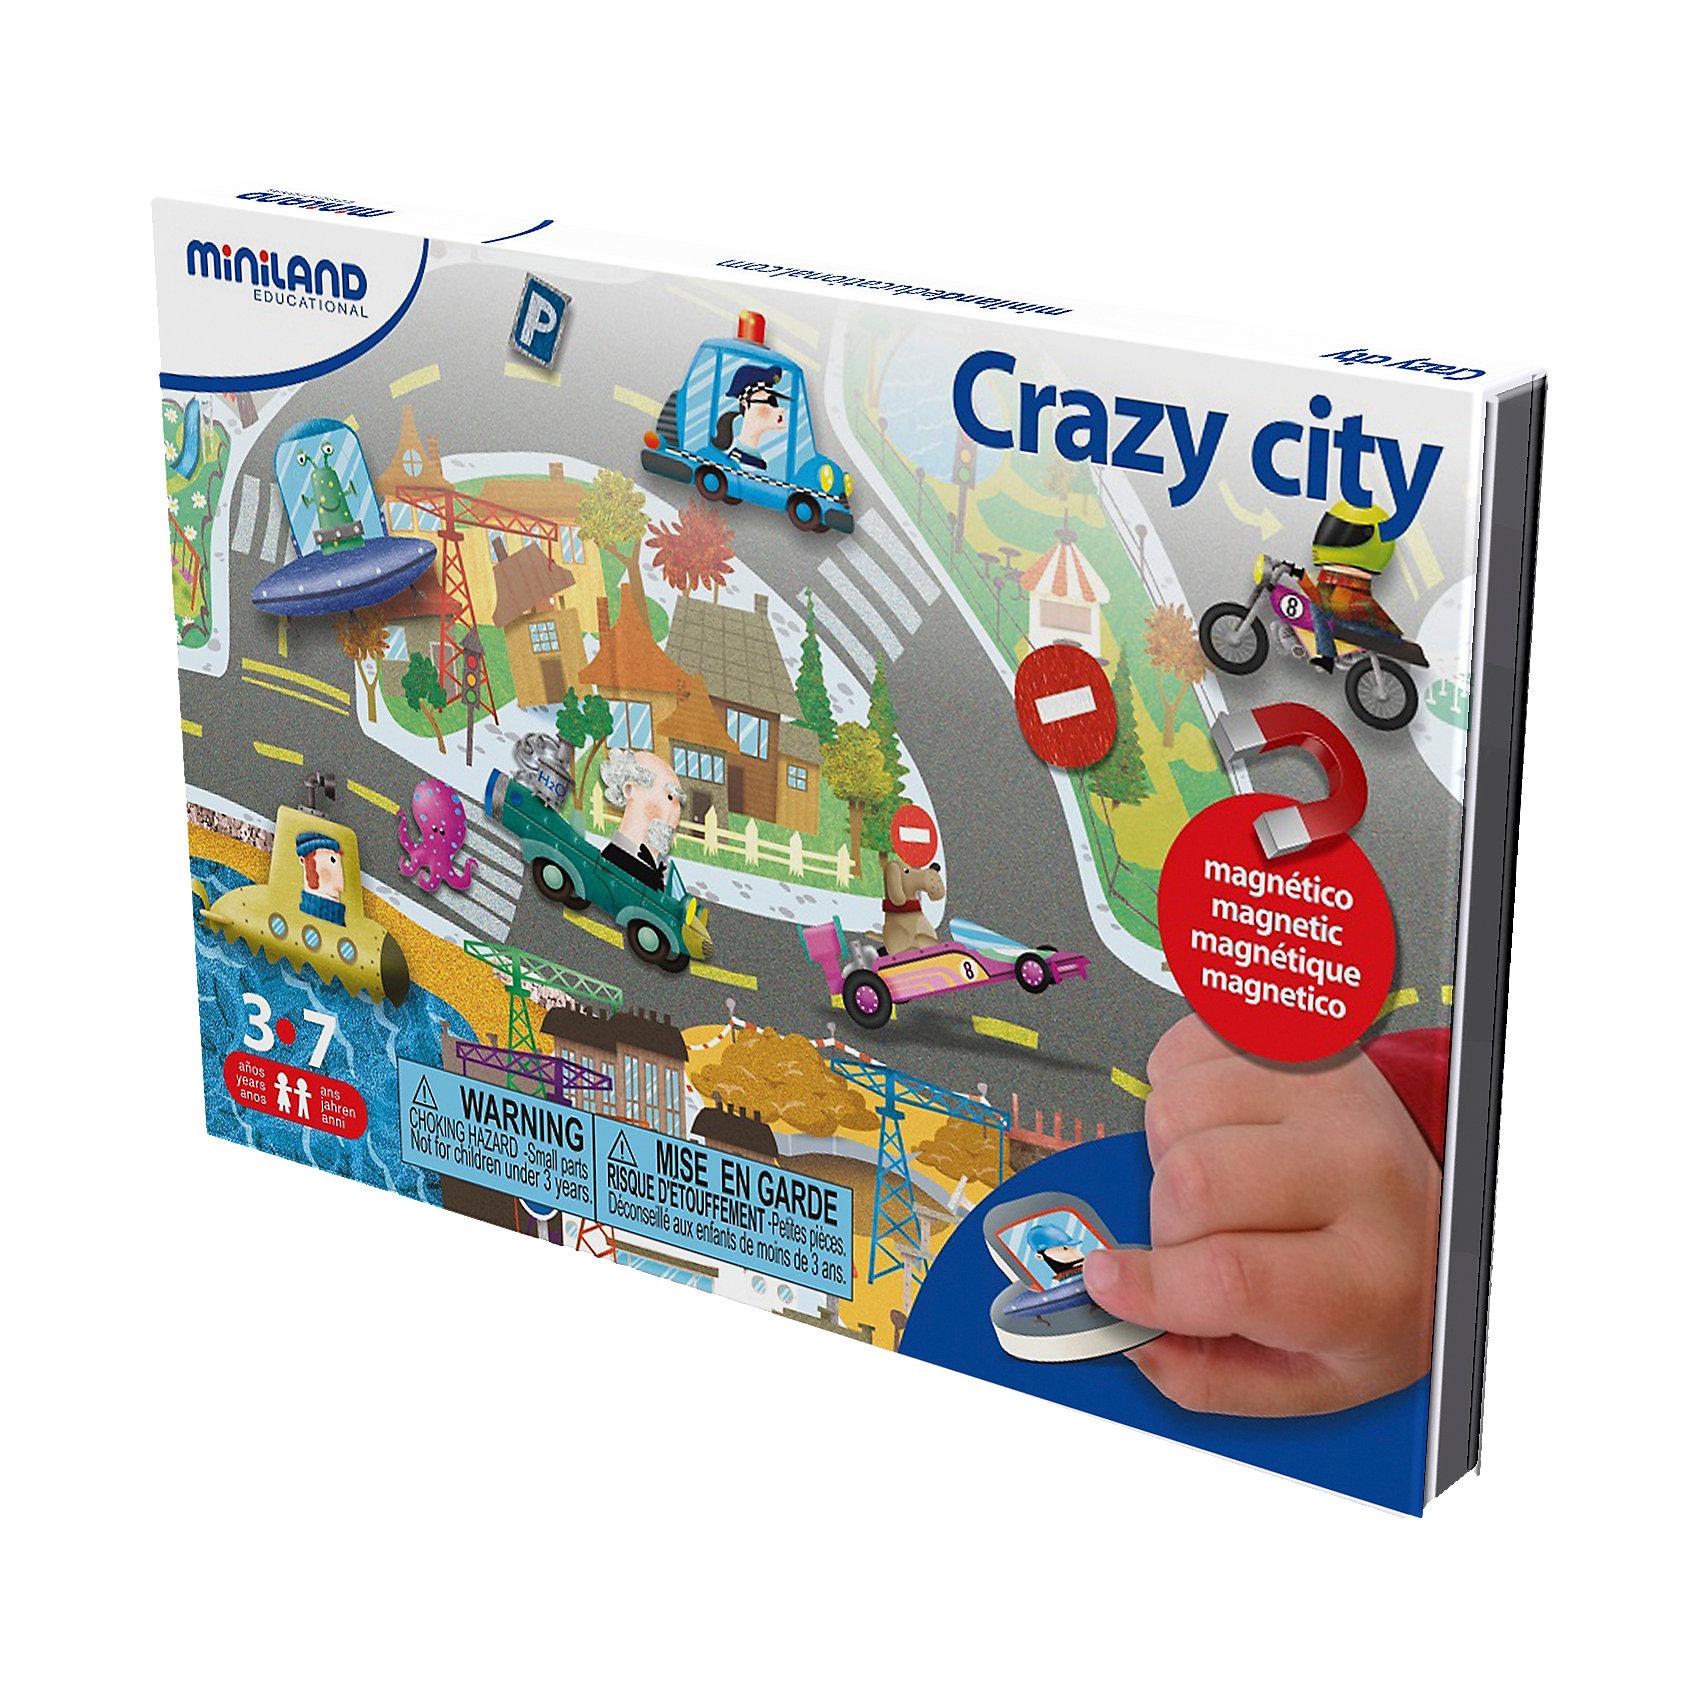 Магнитная игра Сумасшедший город, MinilandМагнитная игра Сумасшедший город, Miniland (Миниленд) – эта игра надолго увлечет вашего малыша и не позволит ему скучать.<br>В этой забавной игре ребенок должен собрать картинку с изображением городской улицы. На одной стороне магнитной доски - задание. Игрок внимательно смотрит и запоминает картинку, потом переворачивает доску и создает свою картинку по памяти. Кроме основного задания, можно самостоятельно создавать свои городские пейзажи. Полезная игра, поможет в тренировке внимания, памяти и наблюдательности.<br><br>Дополнительная информация:<br><br>- В наборе: магнитная доска, элементы для сборки<br>- Размер магнитной доски: 21,5 х 44 см.<br>- Материал: картон<br><br>Магнитную игру Сумасшедший город, Miniland (Миниленд) можно купить в нашем интернет-магазине.<br><br>Ширина мм: 225<br>Глубина мм: 144<br>Высота мм: 12<br>Вес г: 289<br>Возраст от месяцев: 36<br>Возраст до месяцев: 72<br>Пол: Унисекс<br>Возраст: Детский<br>SKU: 4162027